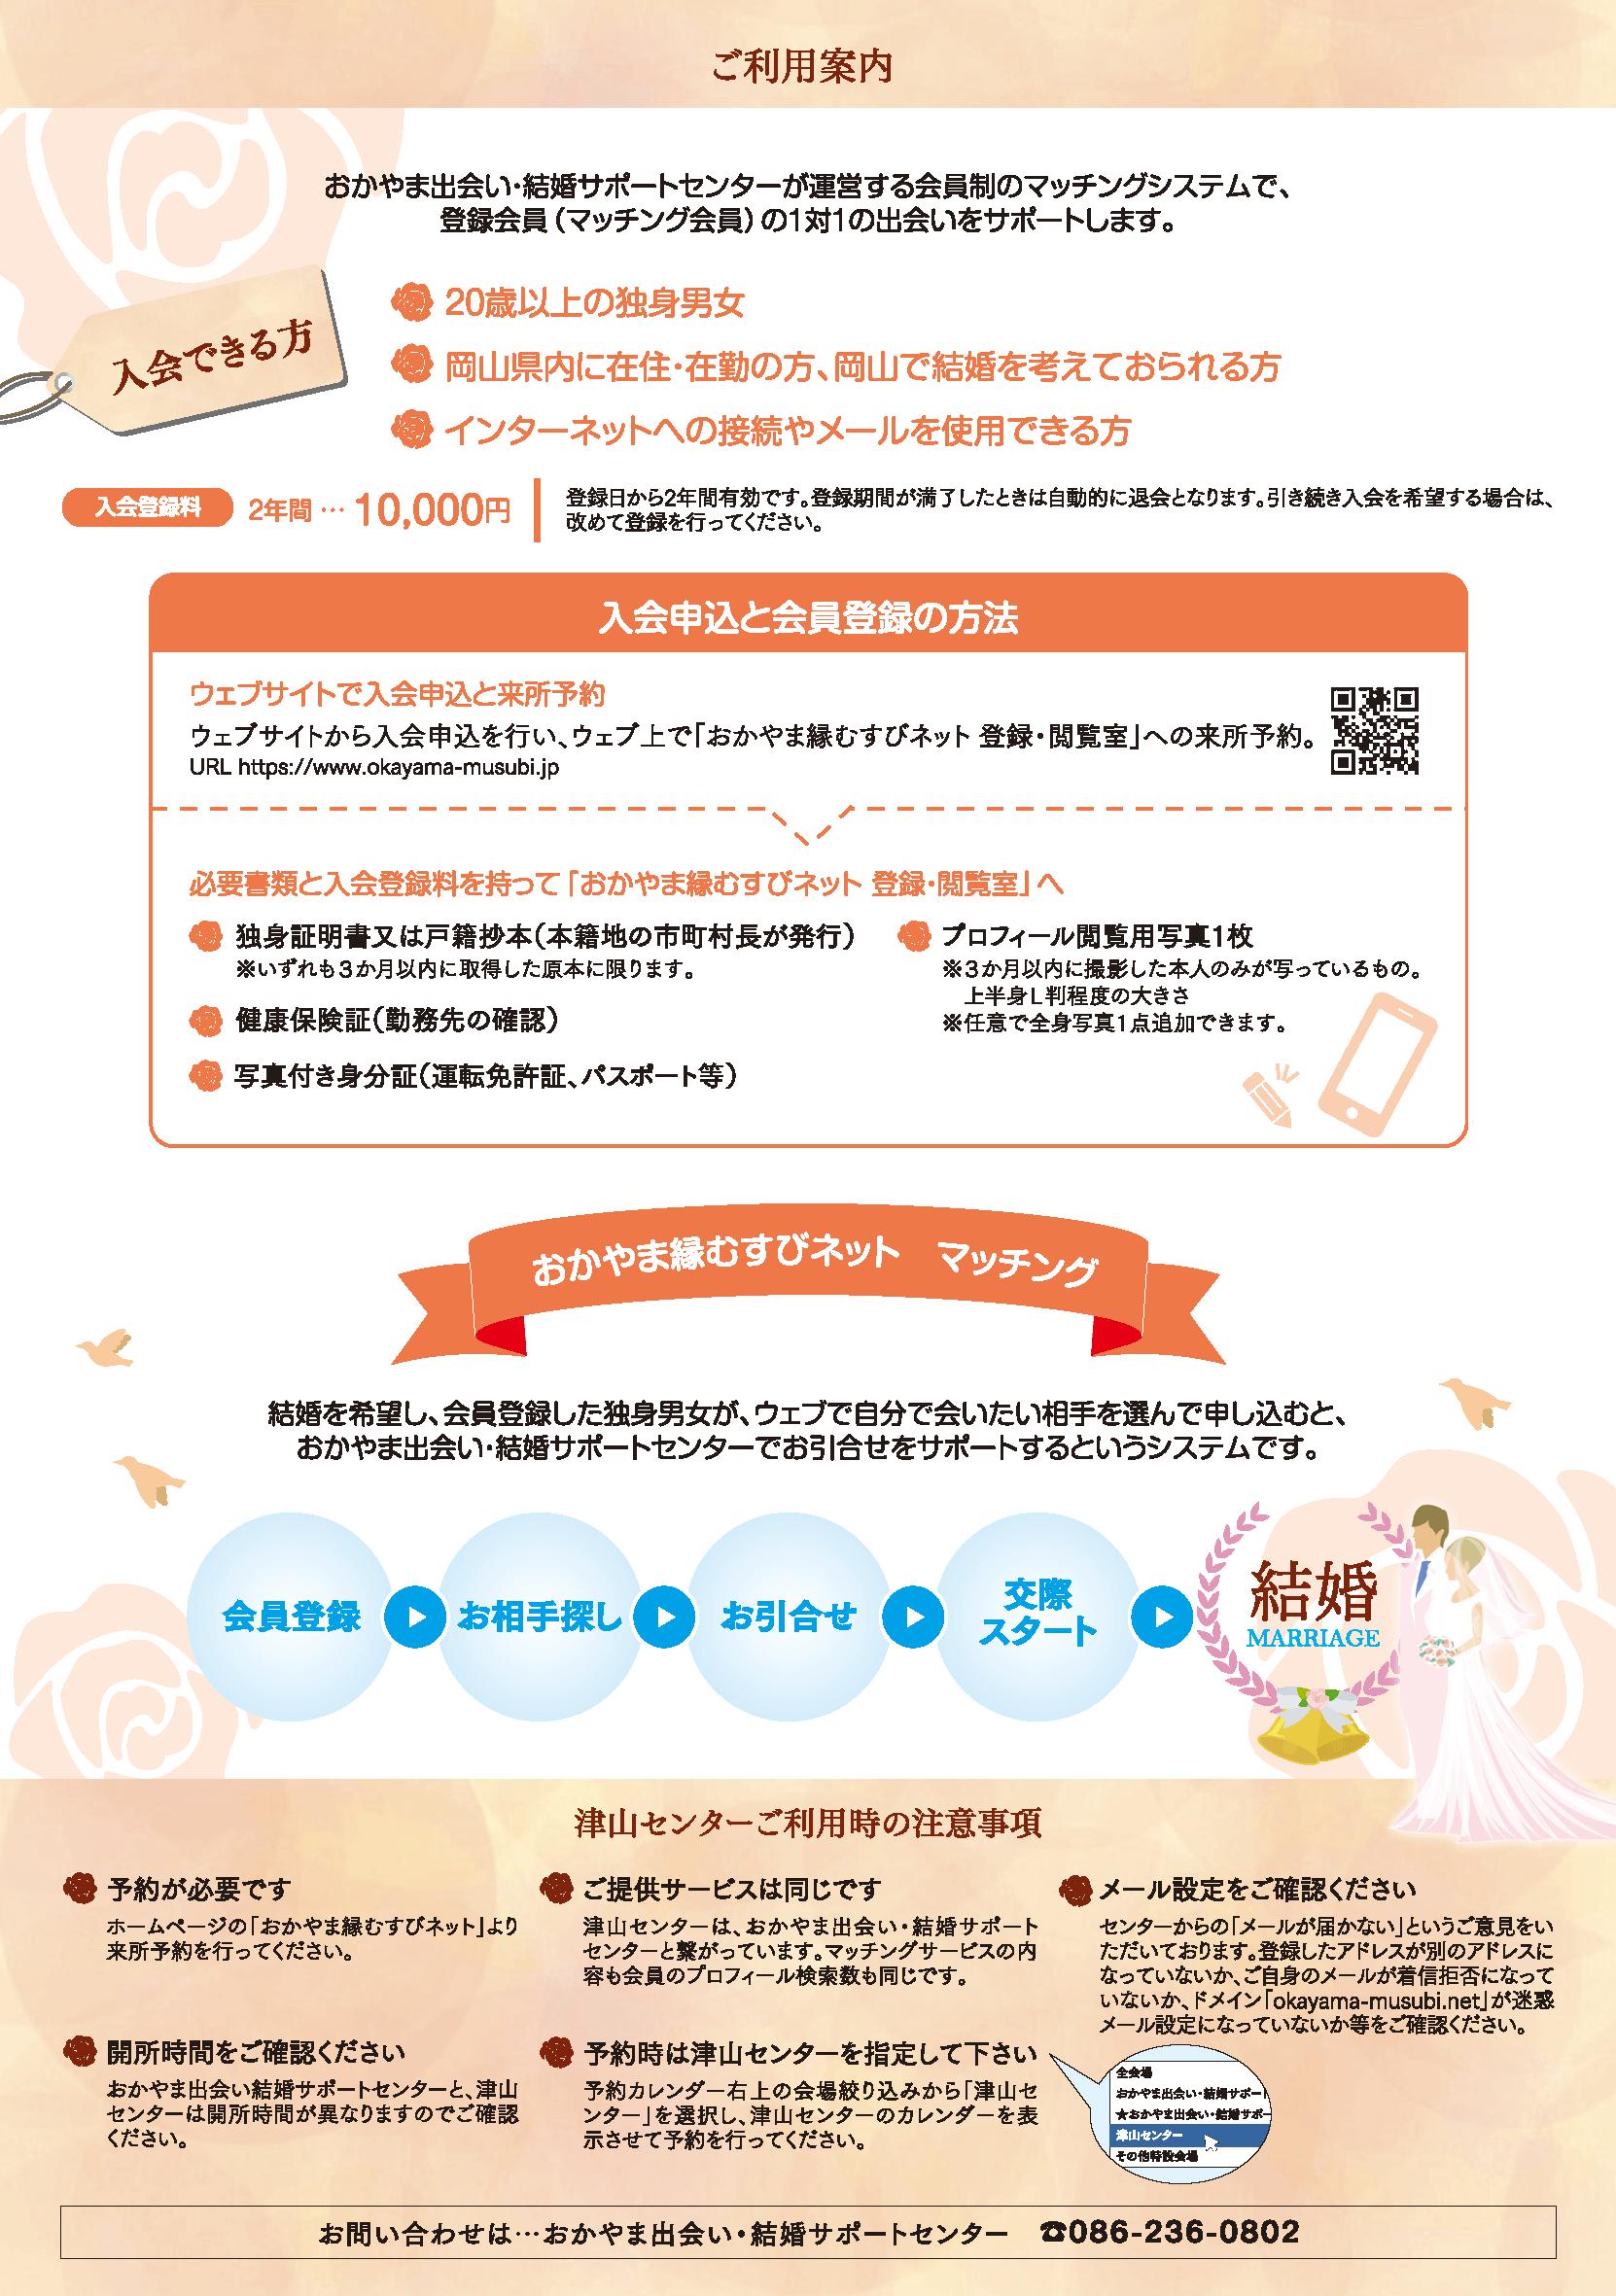 おかやま出会い・結婚サポートセンター津山02